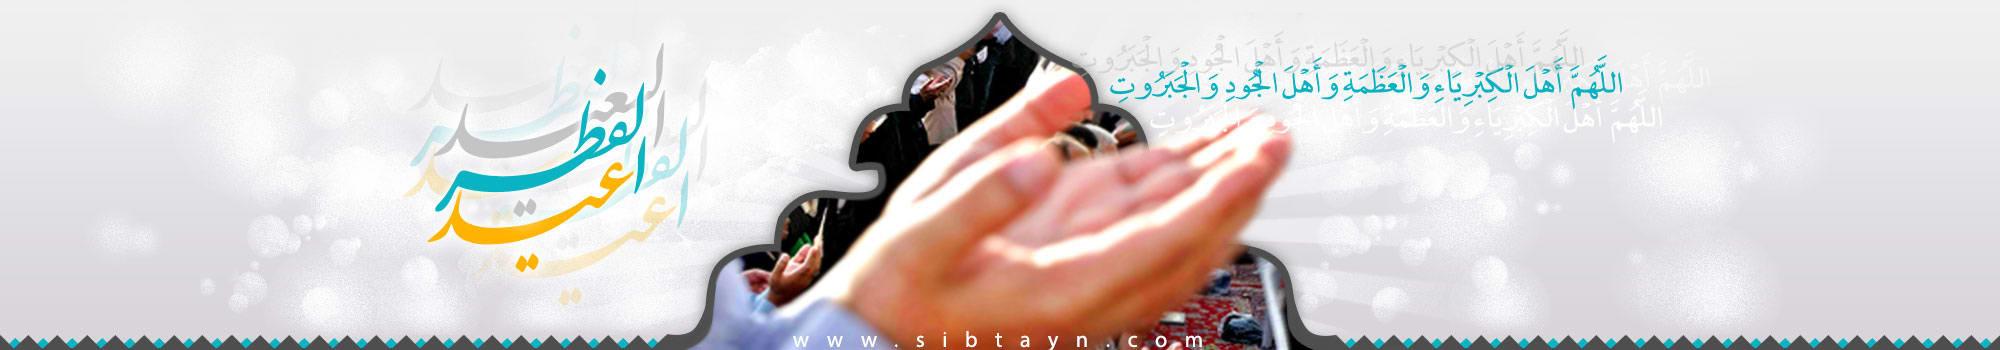 Sibtayn International Foundation